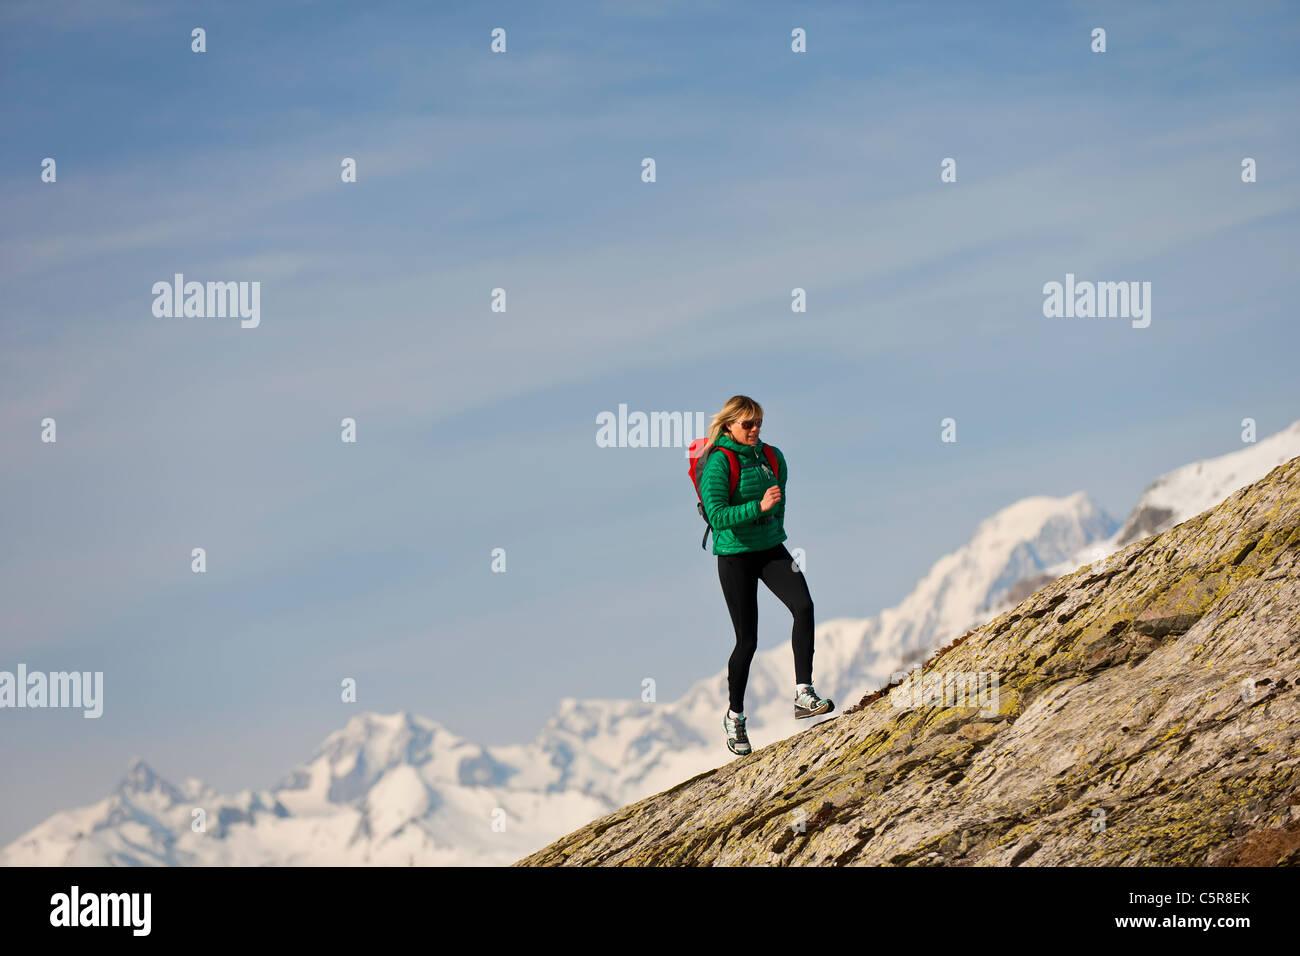 Ein Läufer läuft über einen felsigen Berg. Stockbild